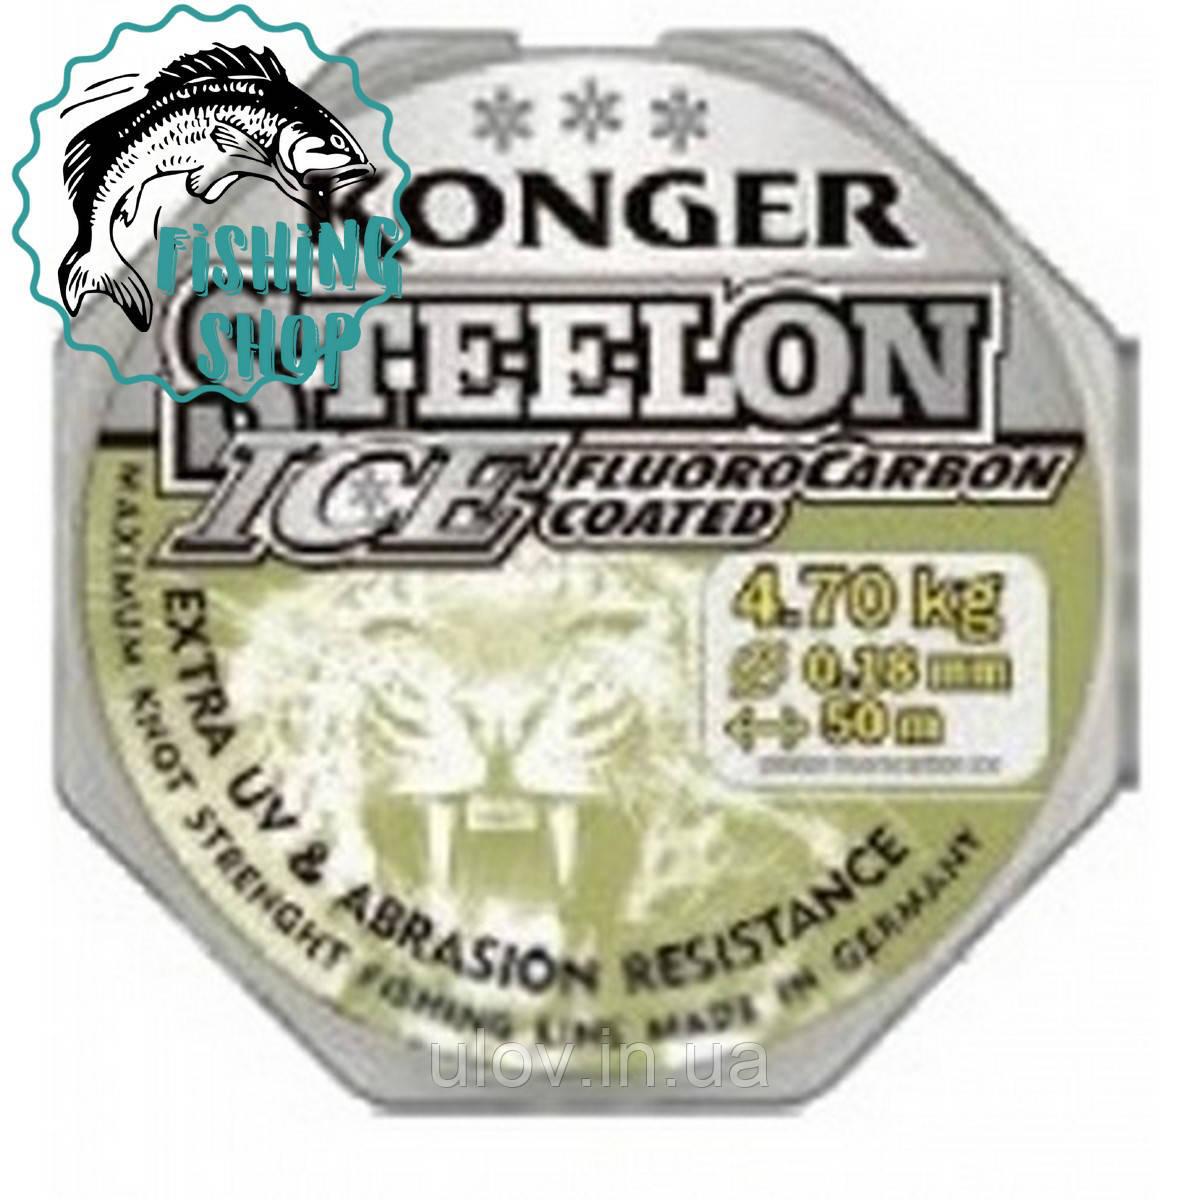 Леска рыболовная Konger Steelon 50m. 0.12